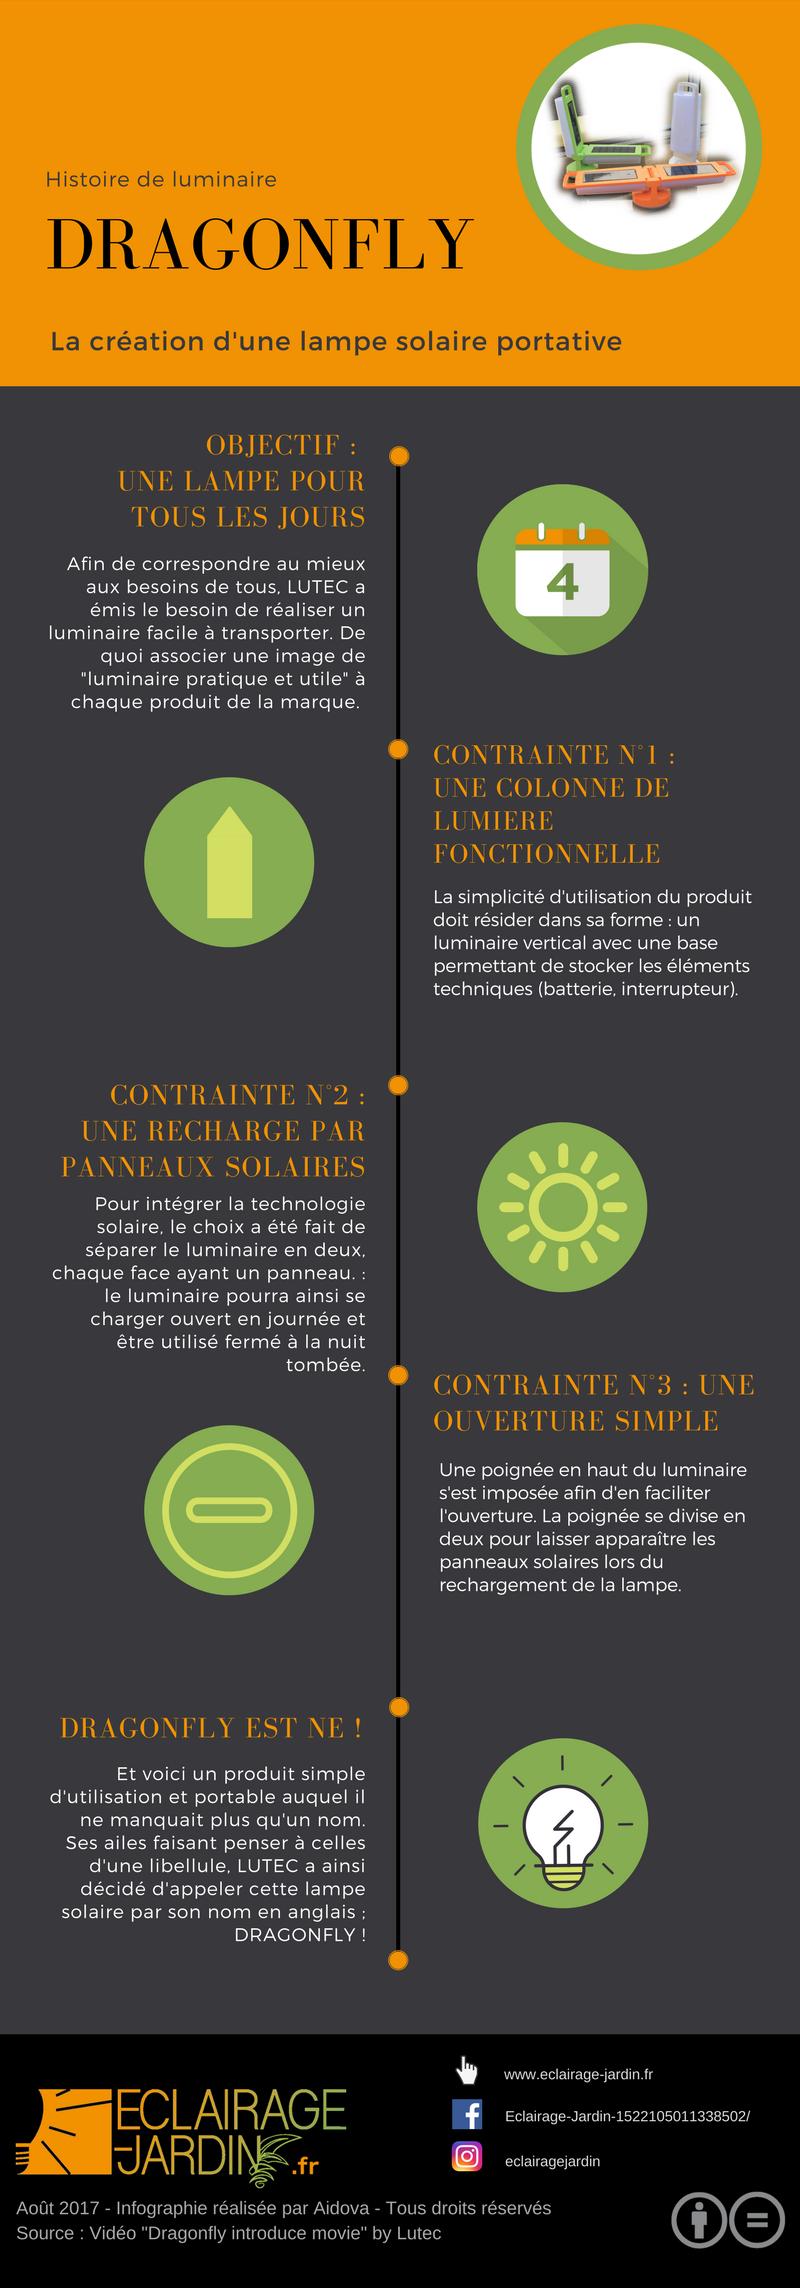 Infographie : histoire de luminaire DRAGONFLY, lampe solaire portative